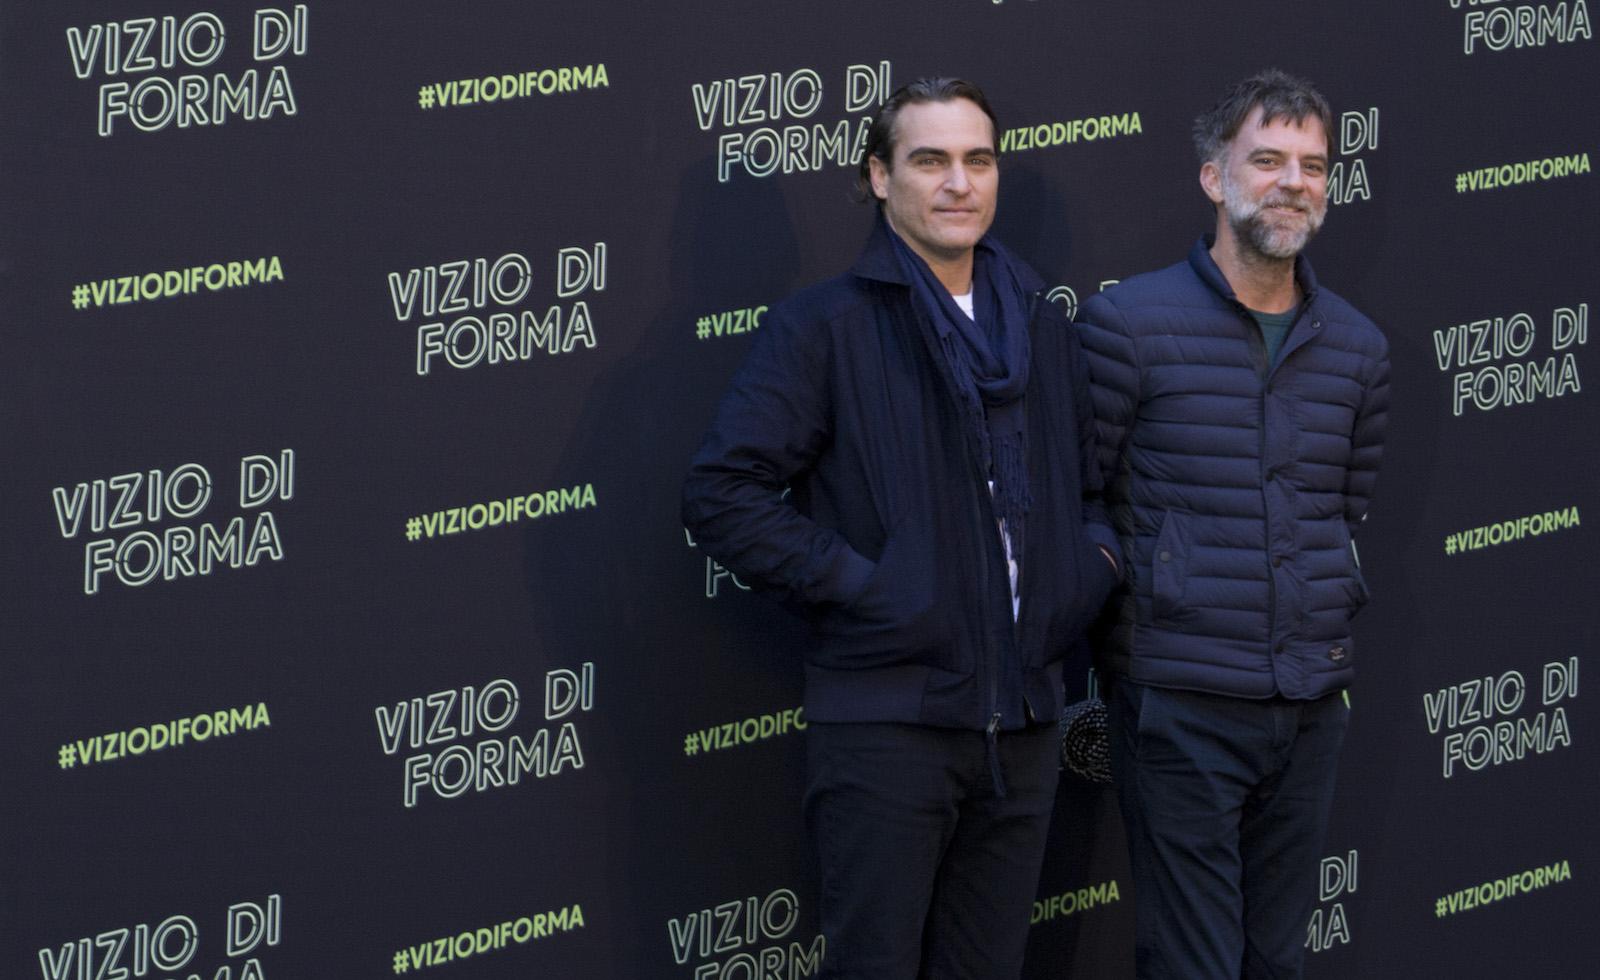 Vizio di forma: Joaquin Phoenix e Paul Thomas Anderson posano al photocall romano